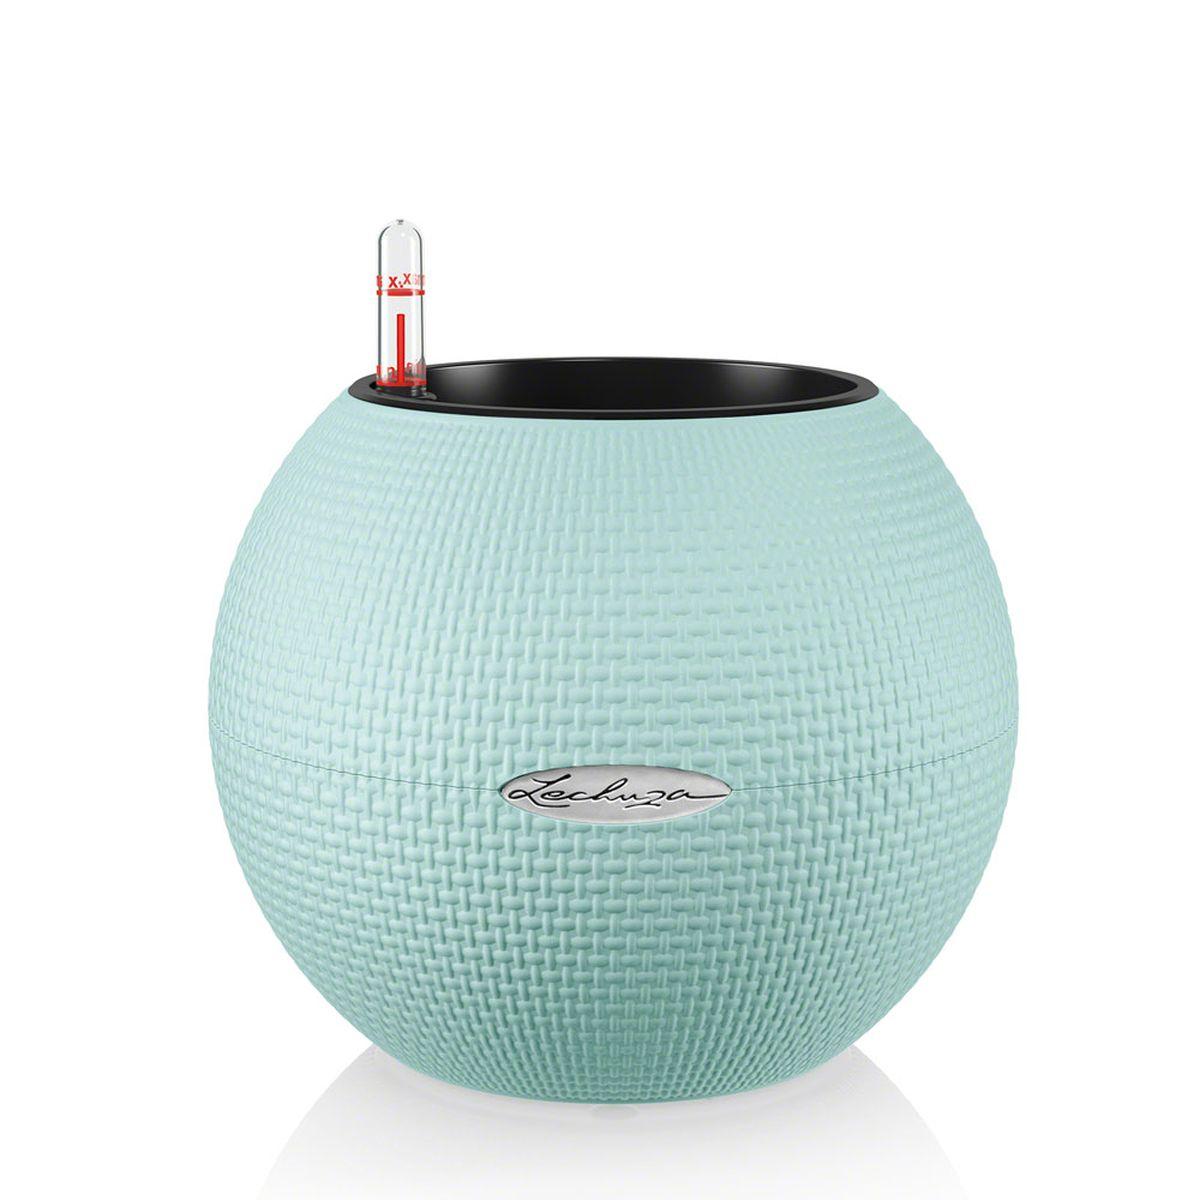 Кашпо Lechuza Color Puro, с системой автополива, цвет: голубой, диаметр 20 смZ-0307Круглое кашпо Lechuza Color Puro, выполненное из высококачественного пластика, имеет уникальную систему автополива, благодаря которой корневая система растения непрерывно снабжается влагой из резервуара. Уровень воды в резервуаре контролируется с помощью специального индикатора. В зависимости от размера кашпо и растения воды хватает на 2-12 недель. Это способствует хорошему росту цветов и предотвращает переувлажнение.В набор входит: кашпо, внутренний горшок, индикатор уровня воды, резервуар для воды. Внутренний горшок, оснащенный выдвижными ручками, обеспечивает:- легкую переноску даже высоких растений;- легкую смену растений;- можно также просто убрать растения на зиму;- винт в днище позволяет стечь излишней дождевой воде наружу.Кашпо Lechuza Color Puro прекрасно впишется в интерьер больших холлов, террас ресторанов и уютных гостиных. Изделие поможет расставить нужные акценты и придаст помещению вид, соответствующий вашим представлениям.